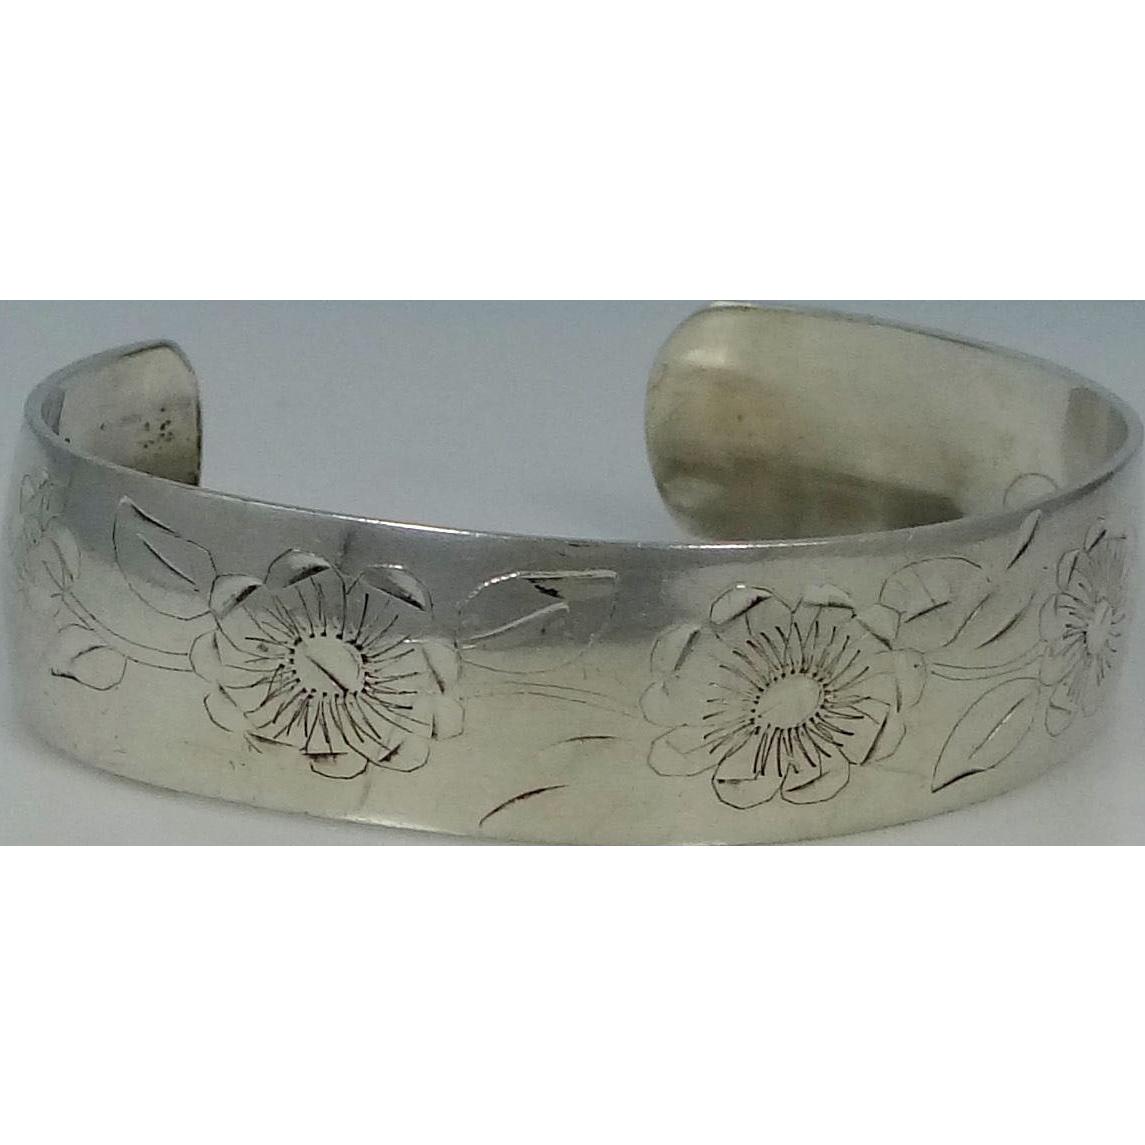 NOBSKA Sterling Silver Cuff Bracelet in the Daisy Pattern